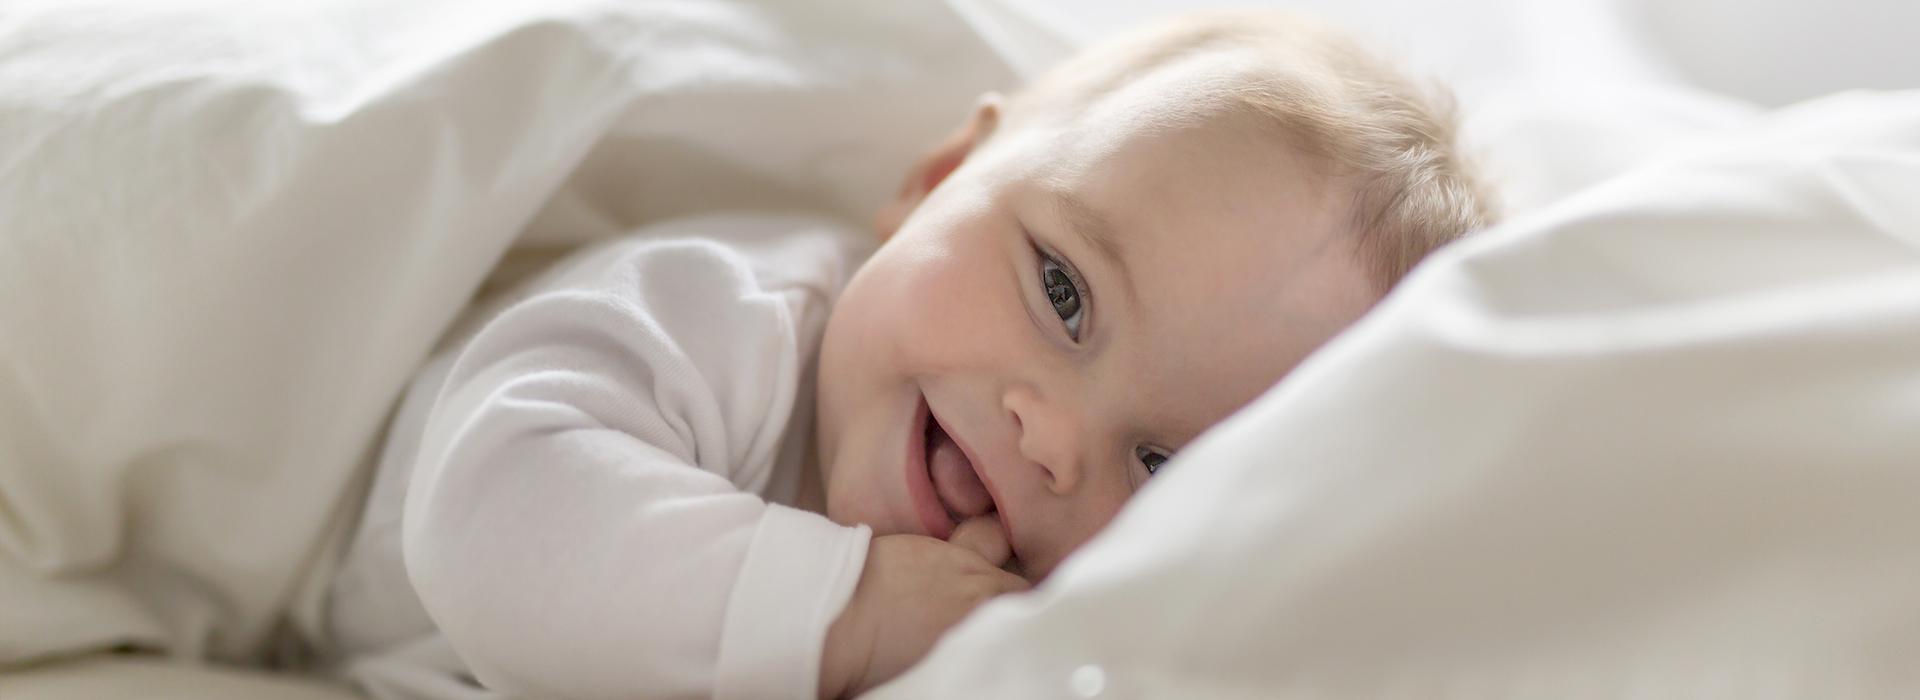 Kategorie_Baby_01jpg